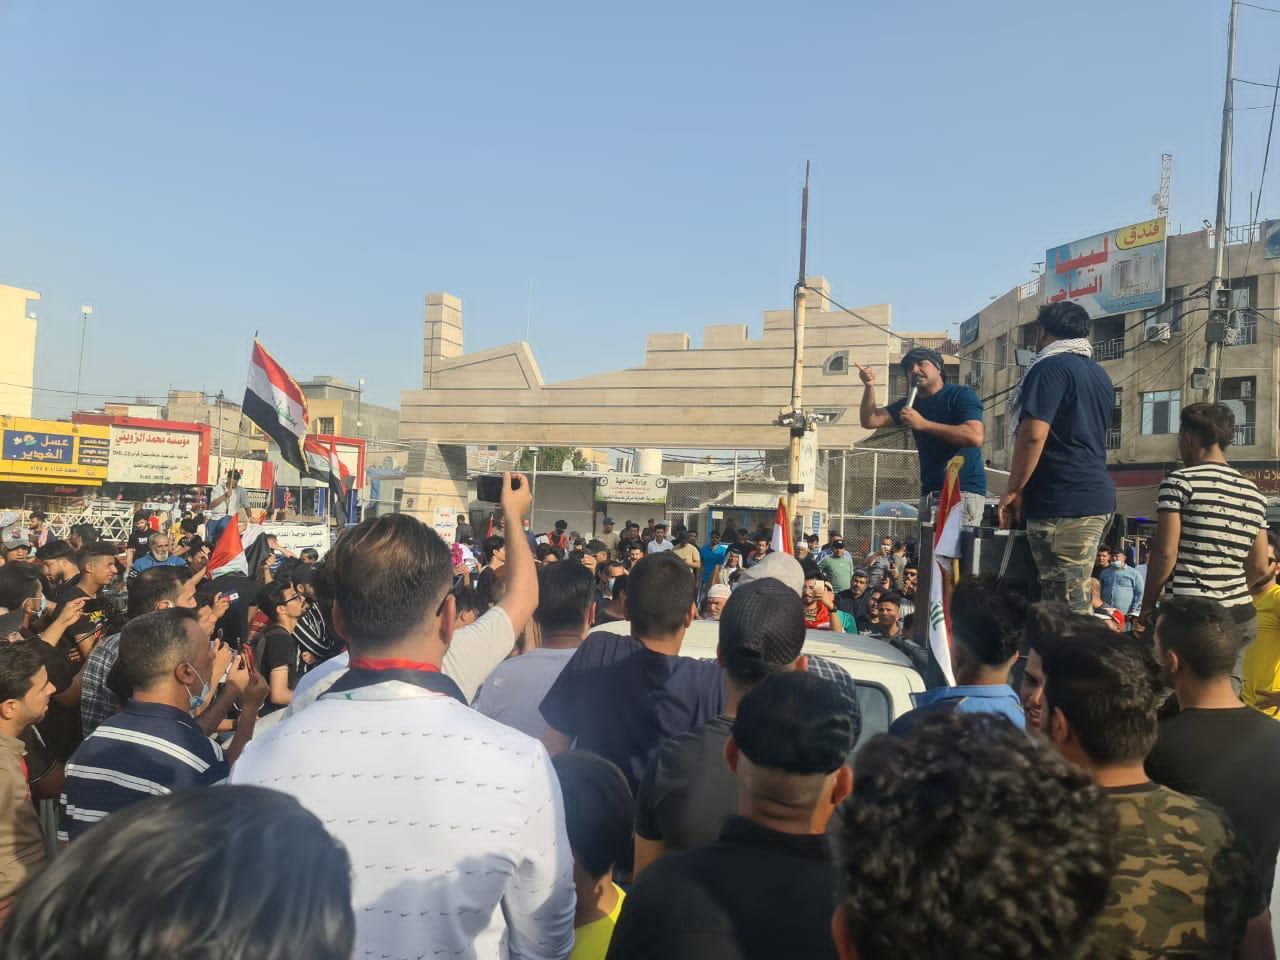 تظاهرات في واسط احتجاجا على ارتفاع الأسعار وتضرر الفقراء